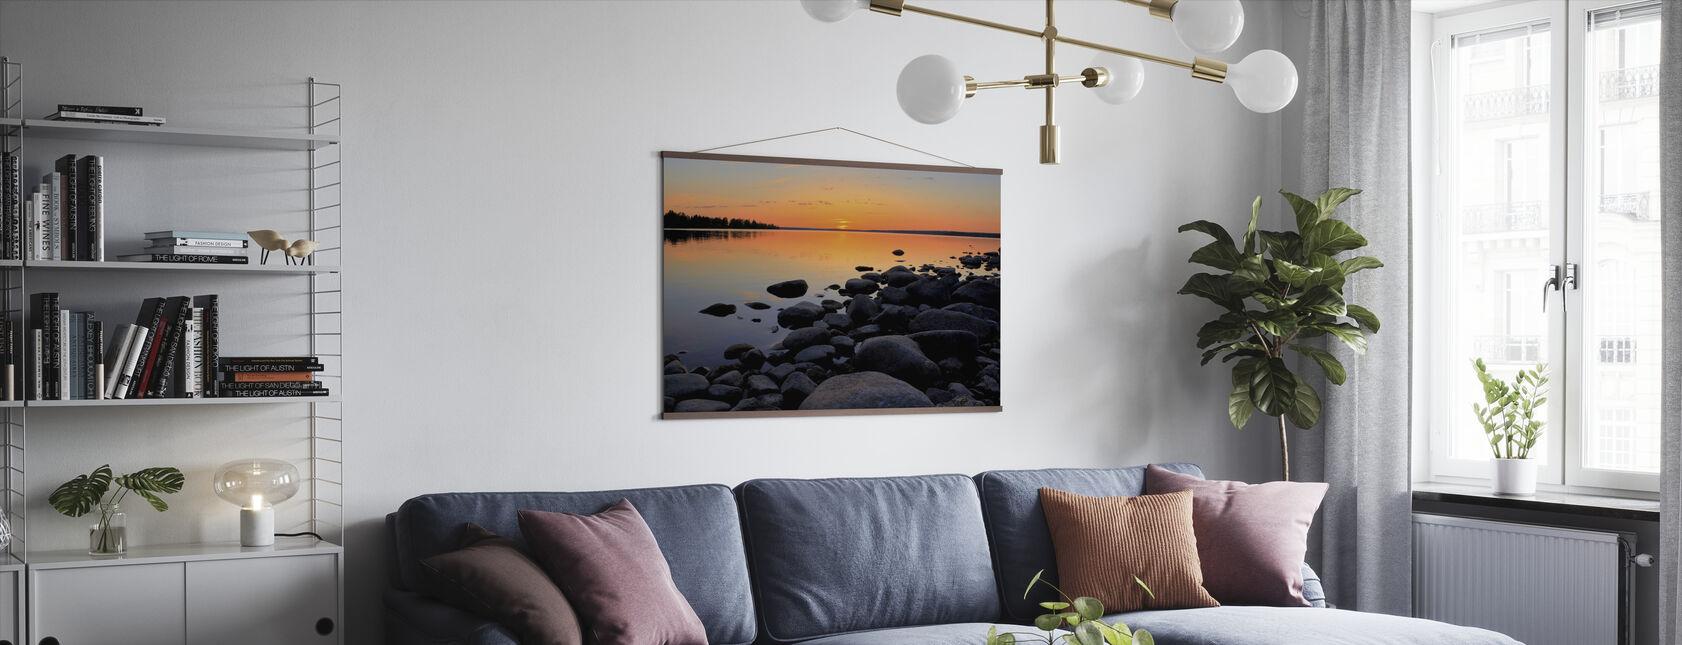 Pohjois-Ruotsi Keskiyön aurinko - Juliste - Olohuone